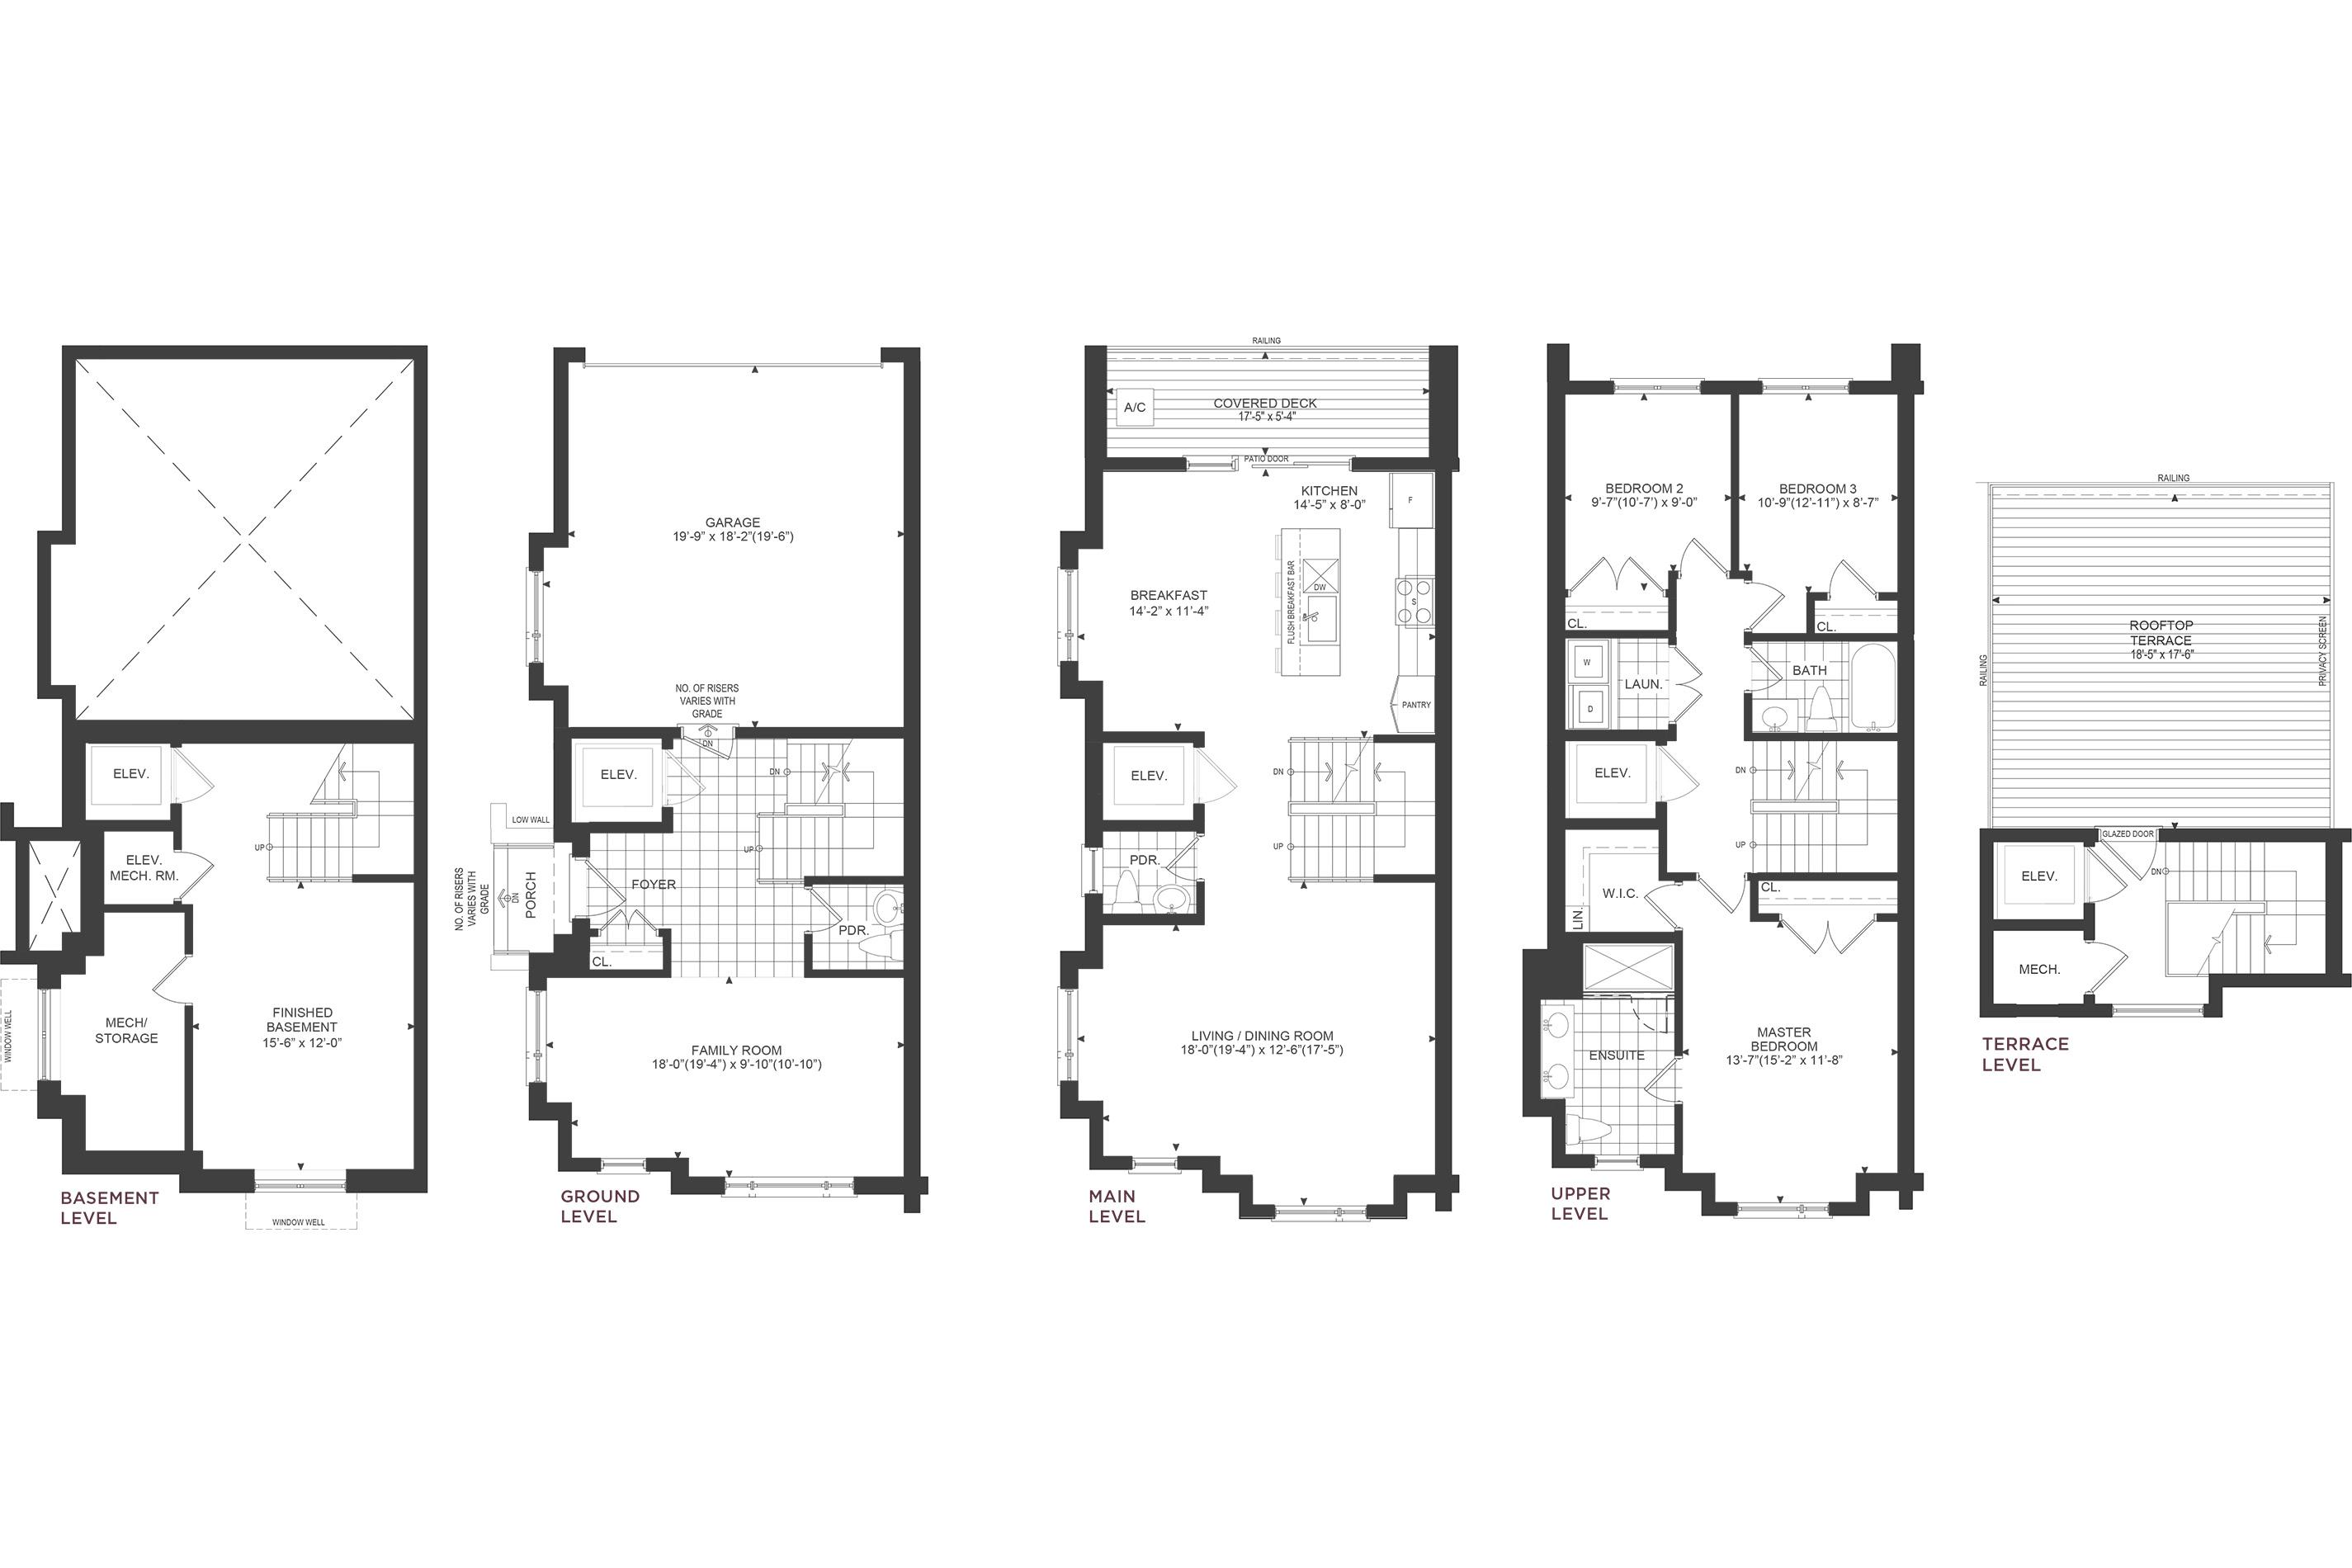 Carville Floorplan